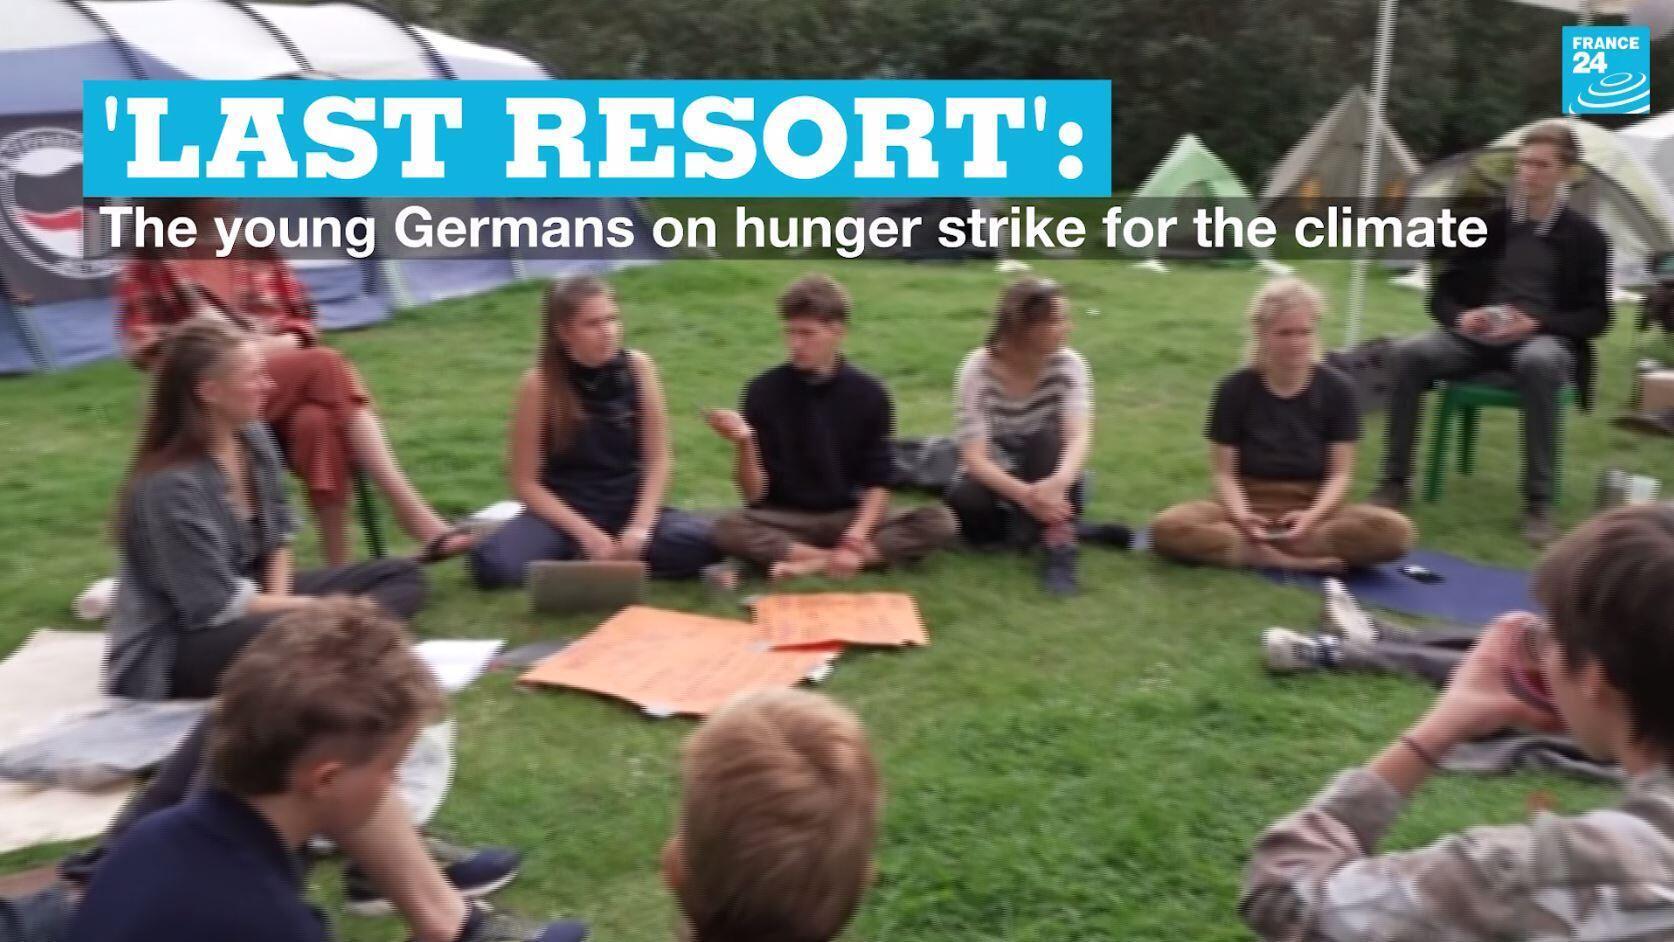 vignette hunger strike